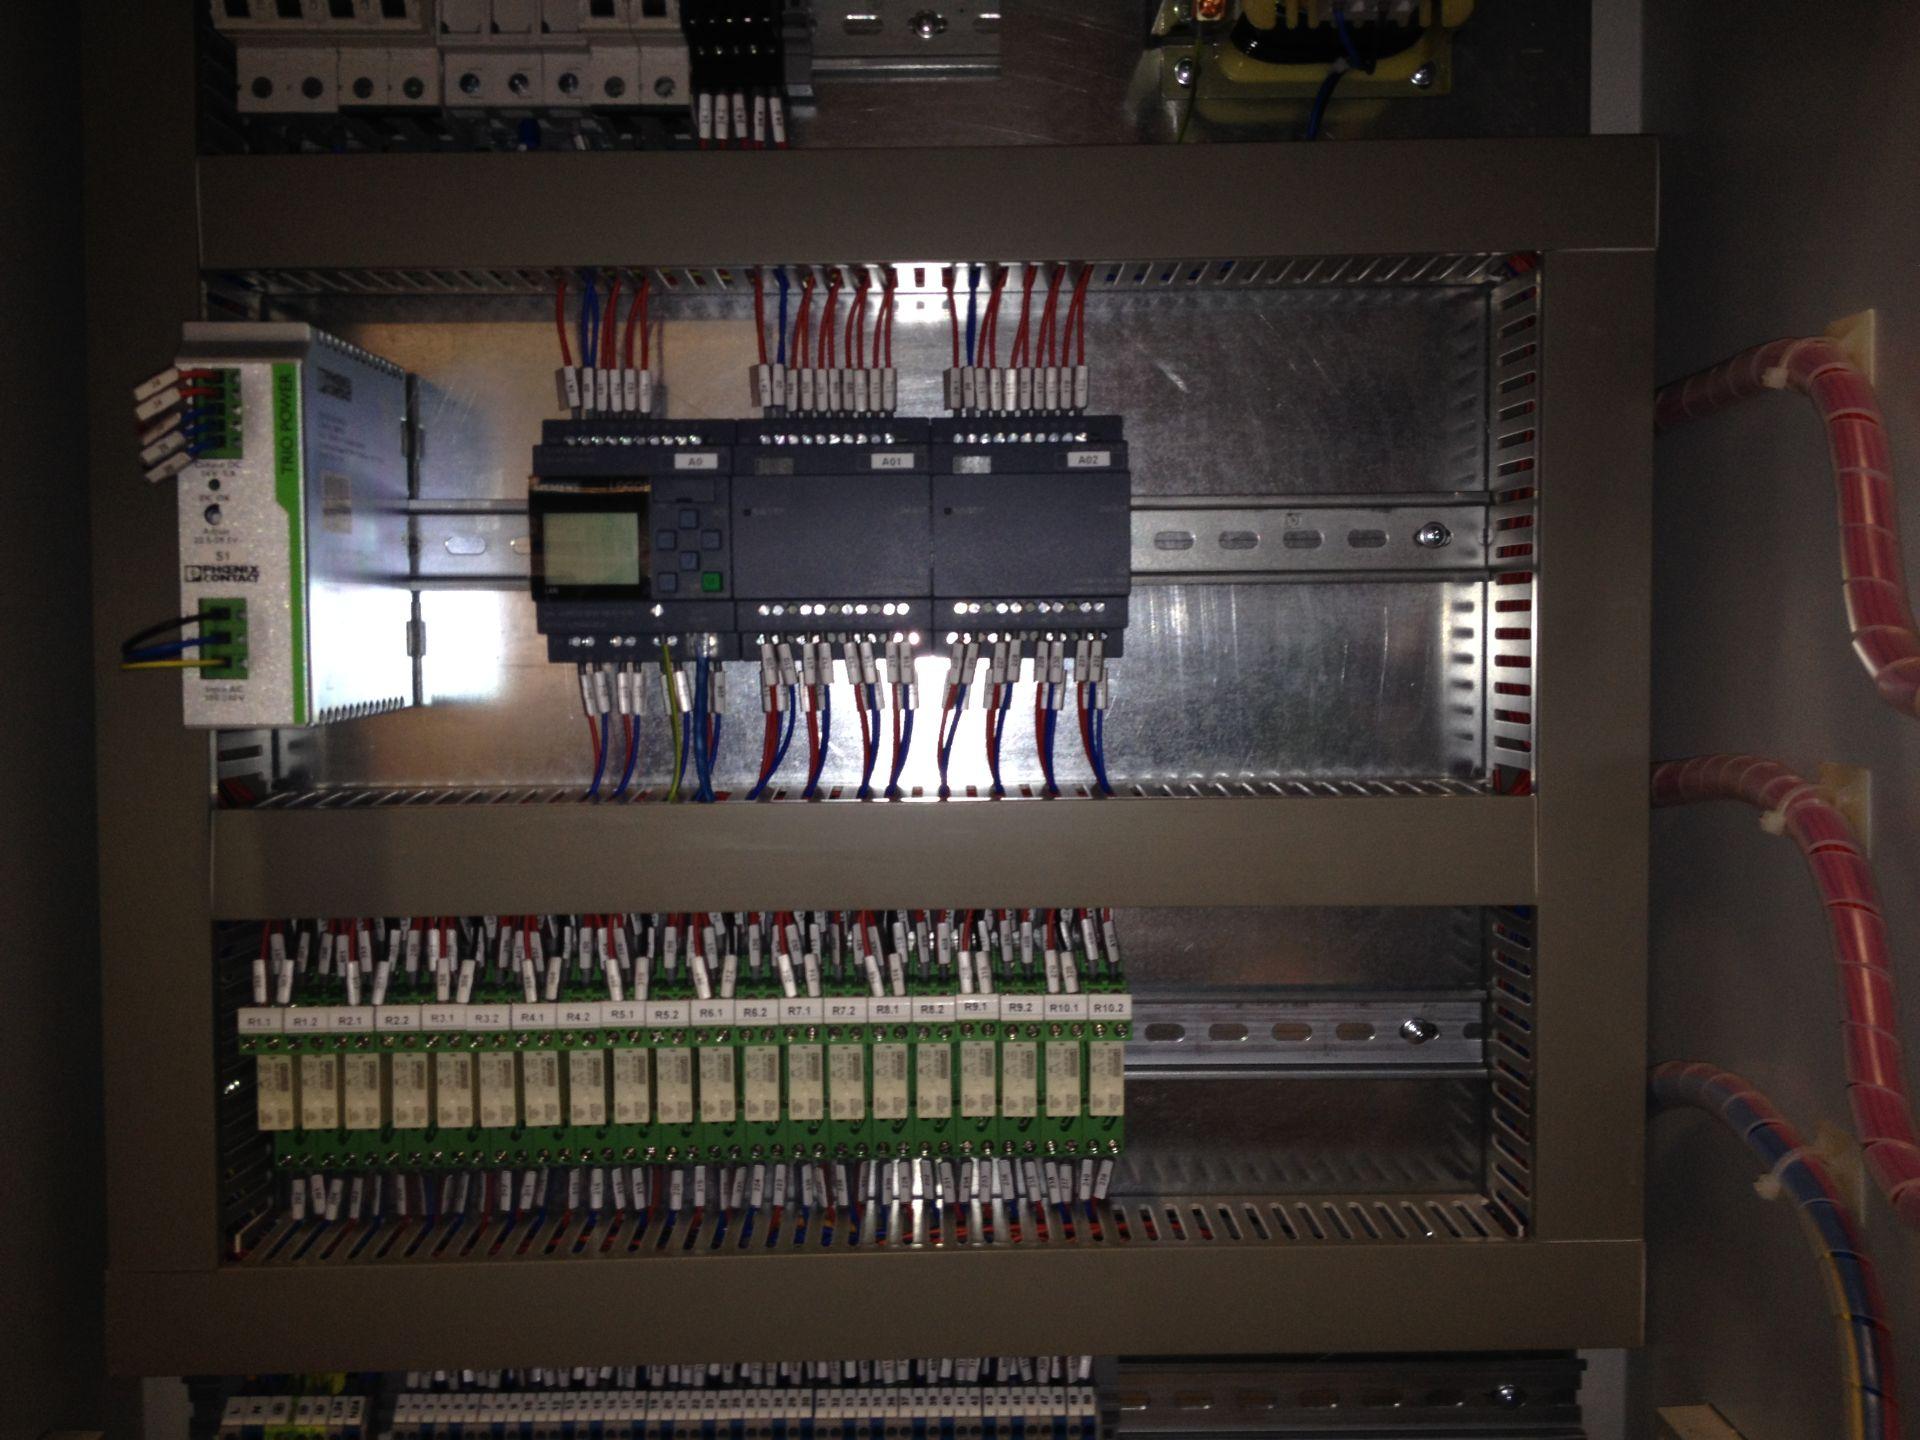 Tablouri electrice și automatizări IMG 2739